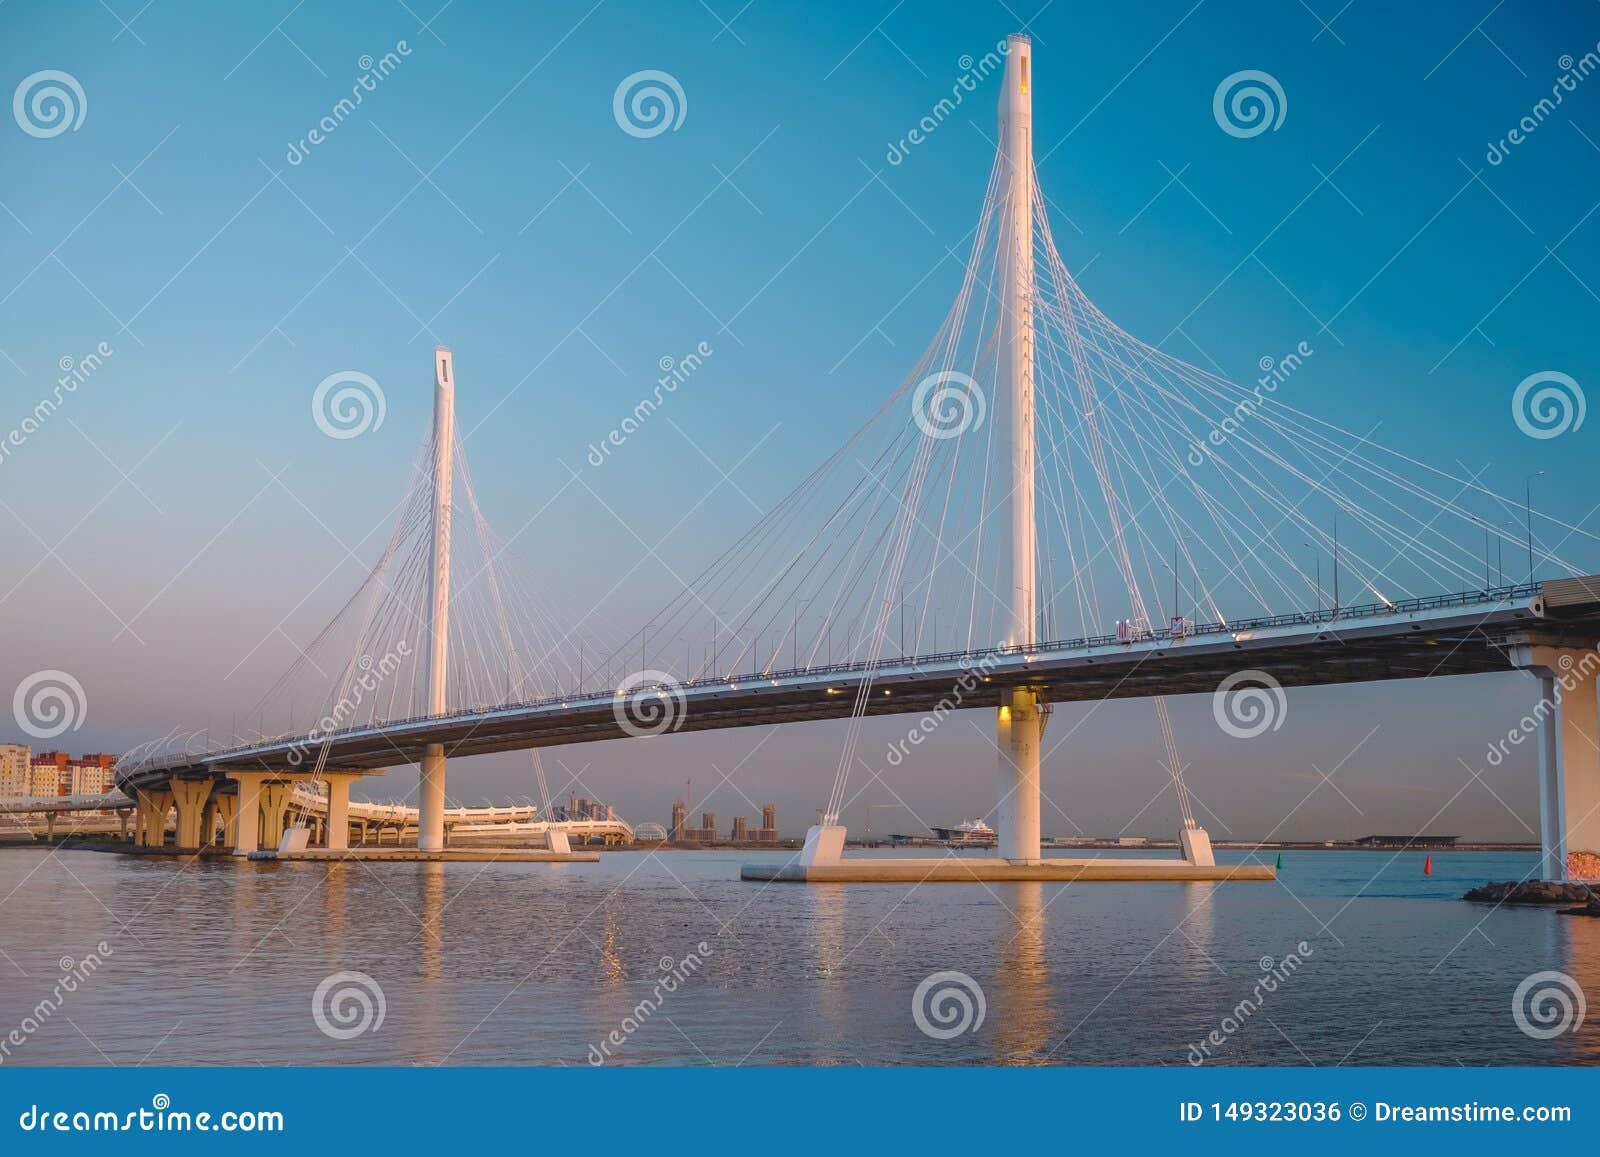 Puente Cable-permanecido a trav?s del espacio abierto de la nave, St Petersburg, Rusia